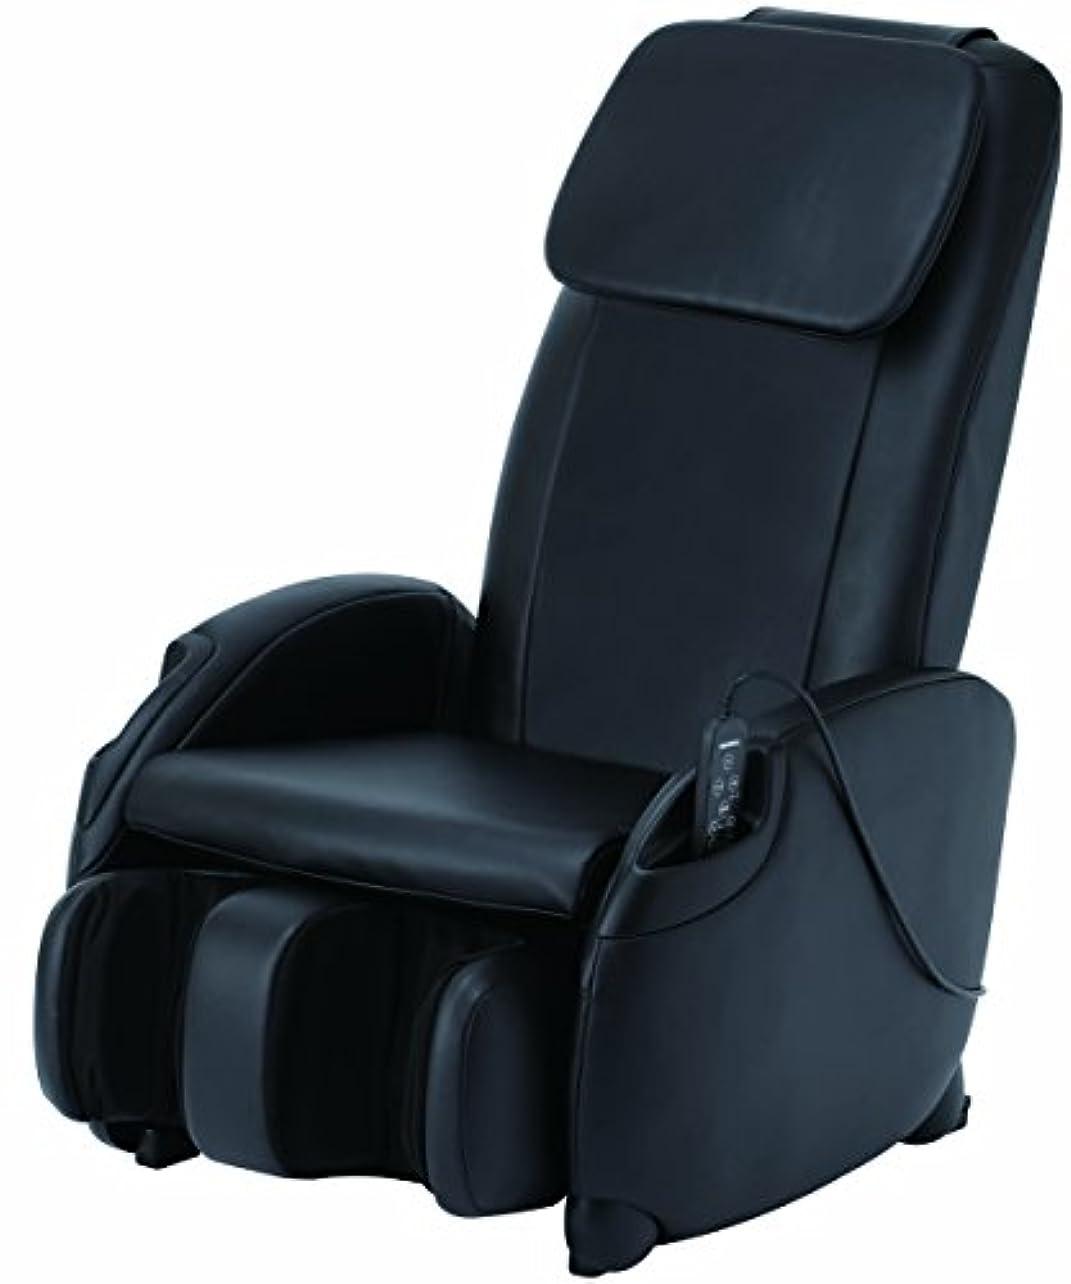 立派な香水ダンプスライヴ マッサージチェア くつろぎ指定席Light ブラック CHD-3400(K)